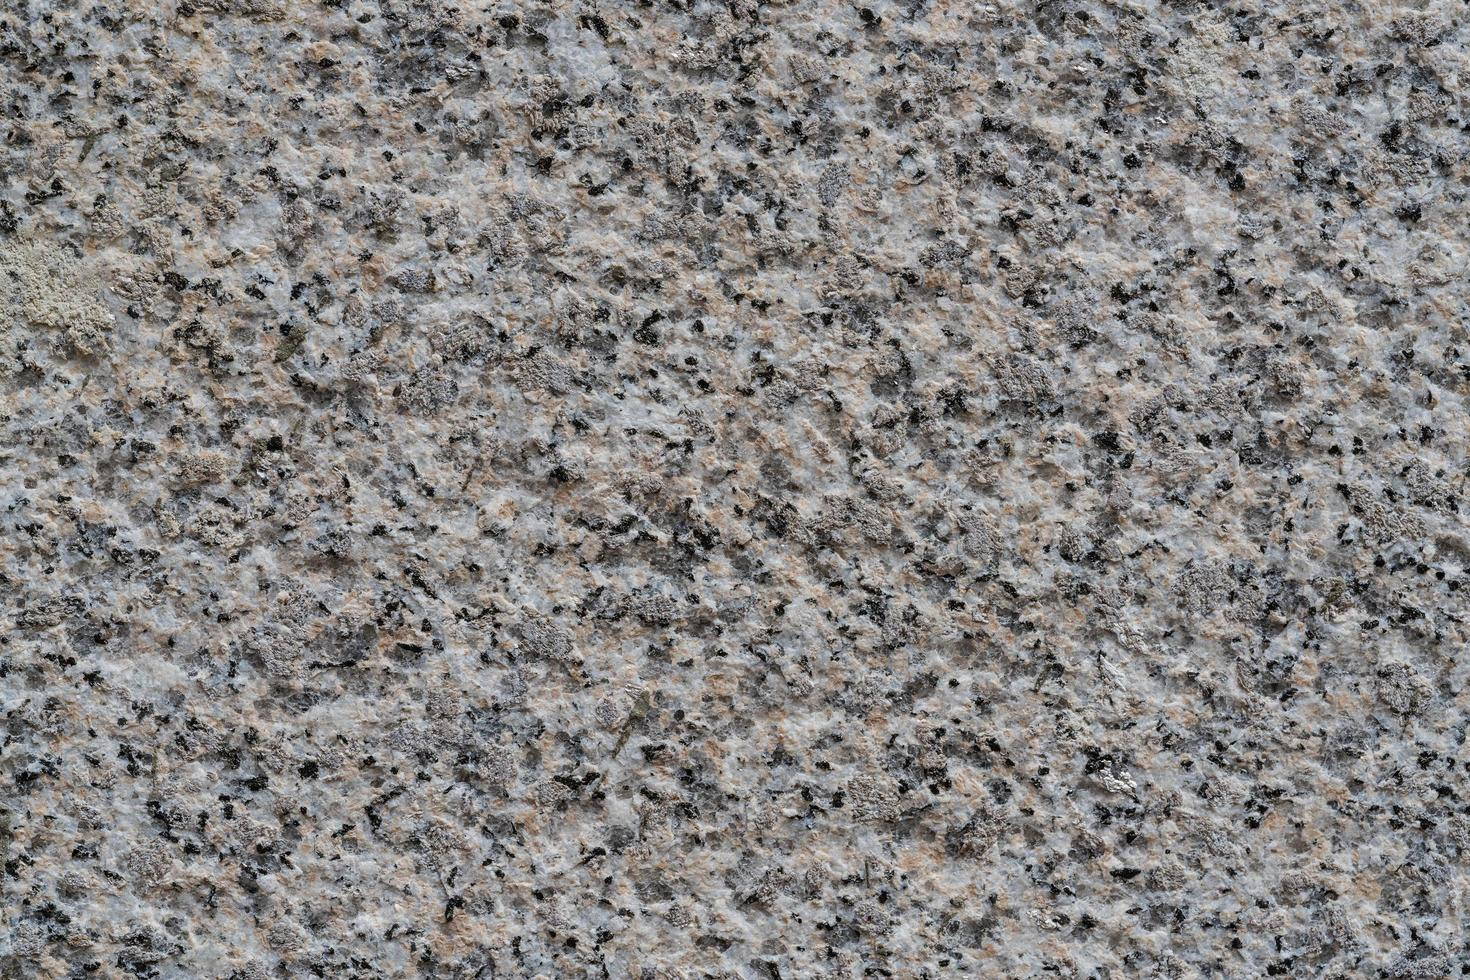 texture d'une surface de pierre de granit photo